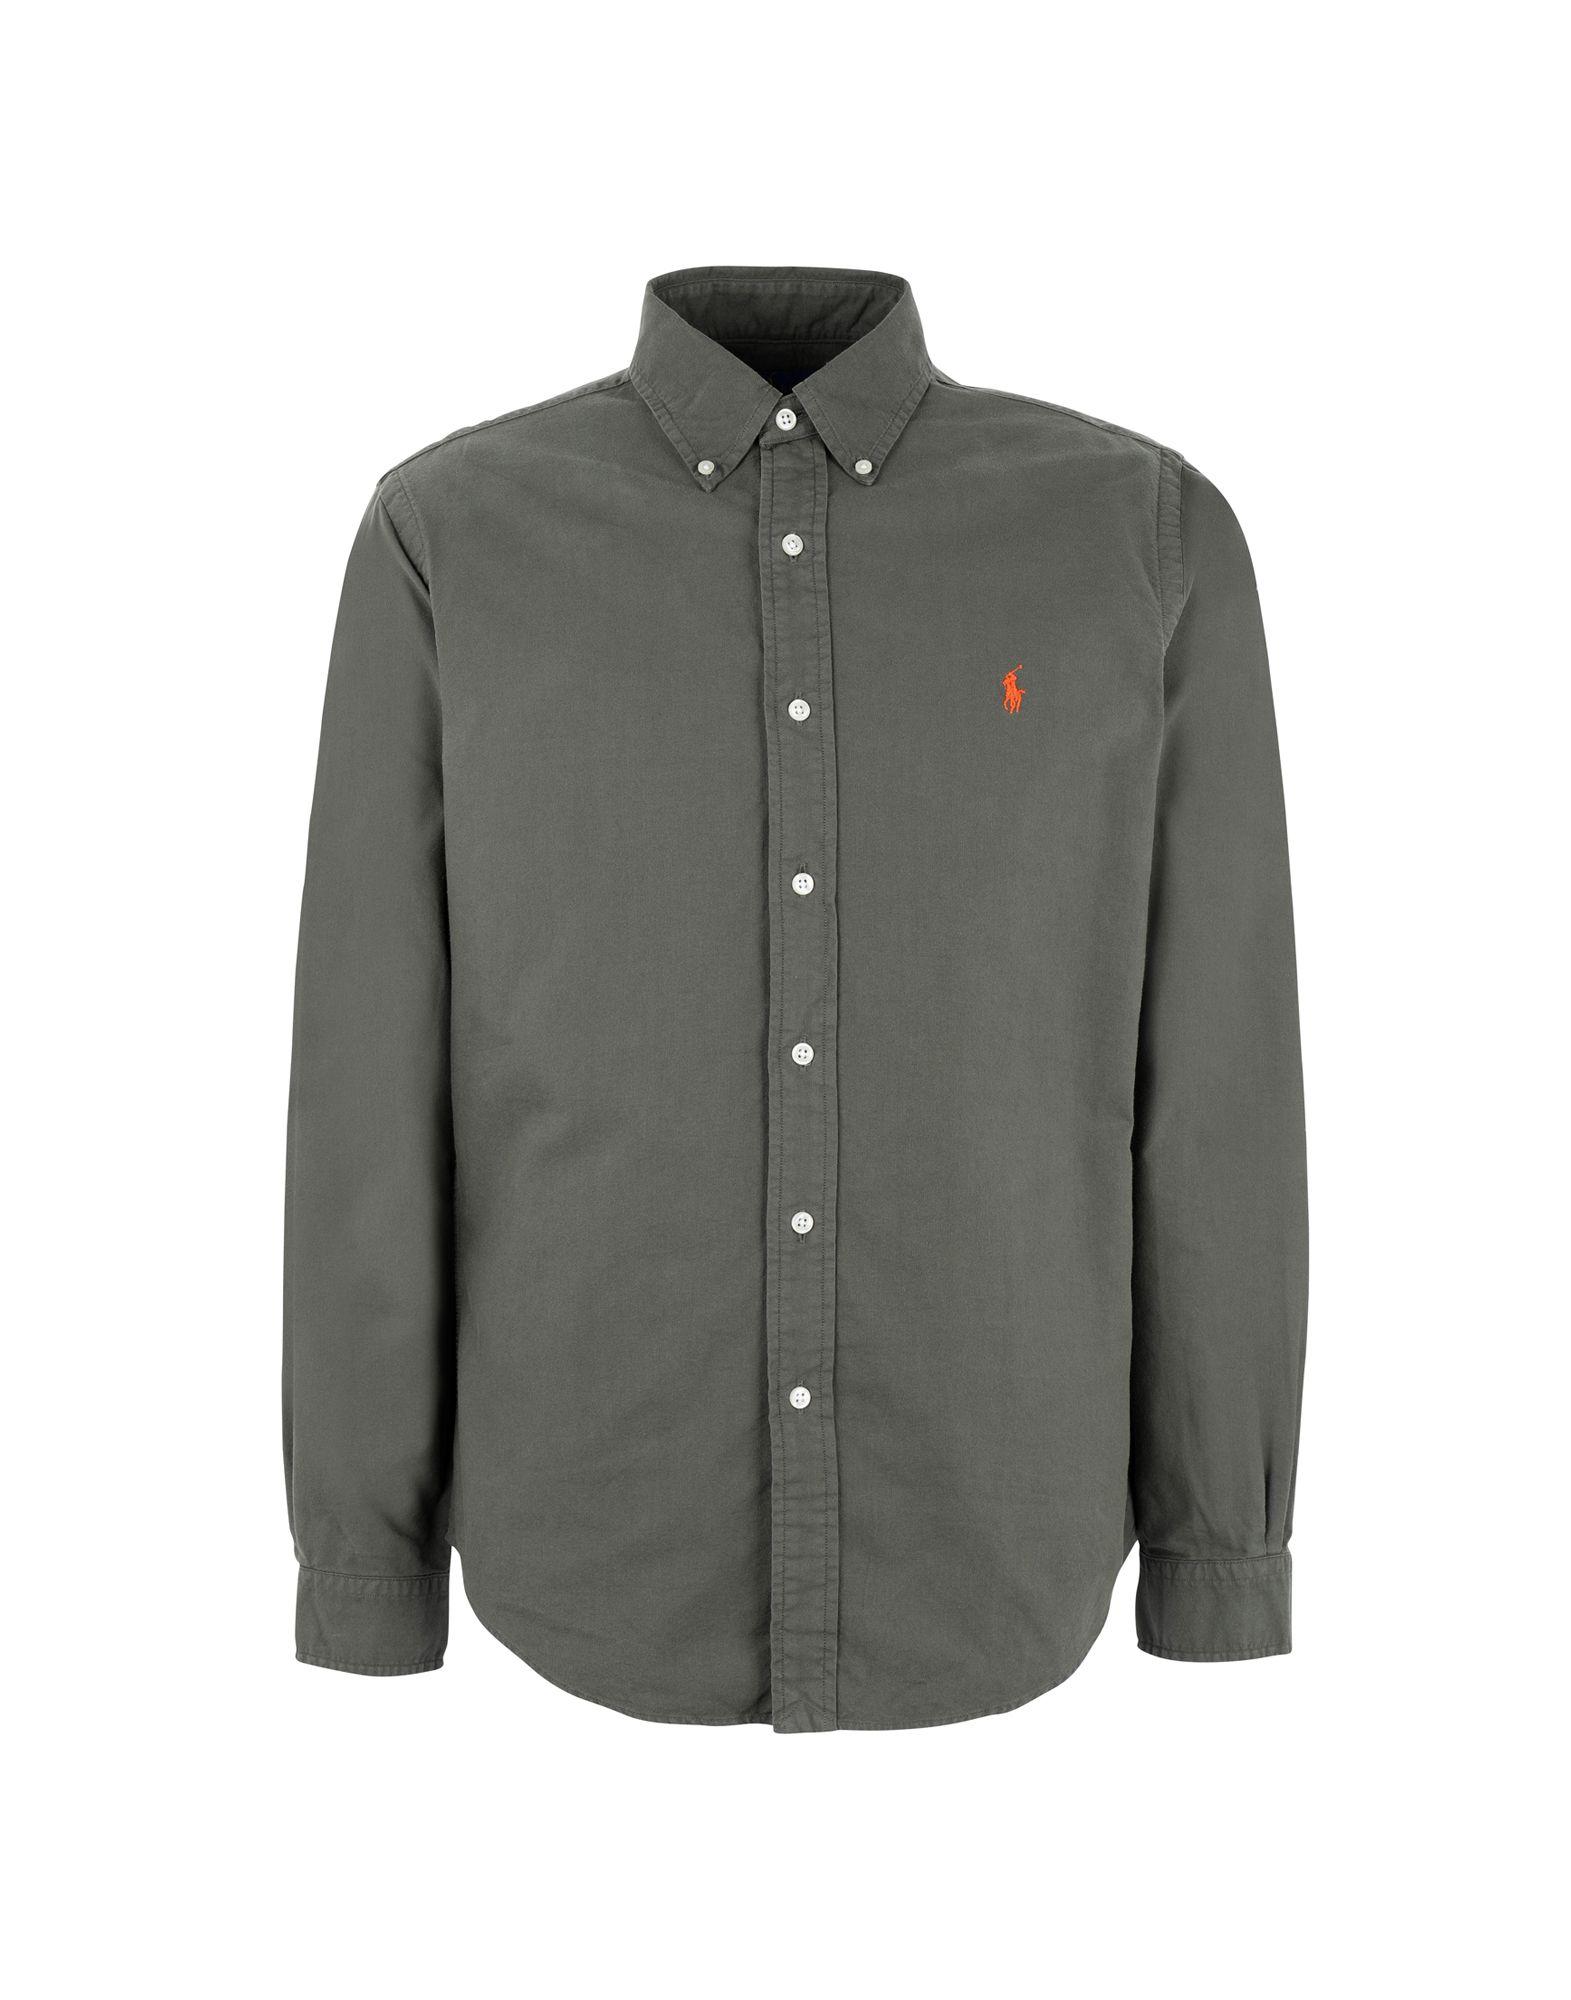 《送料無料》POLO RALPH LAUREN メンズ シャツ ミリタリーグリーン XS コットン 100% Slim Fit Oxford Shirt